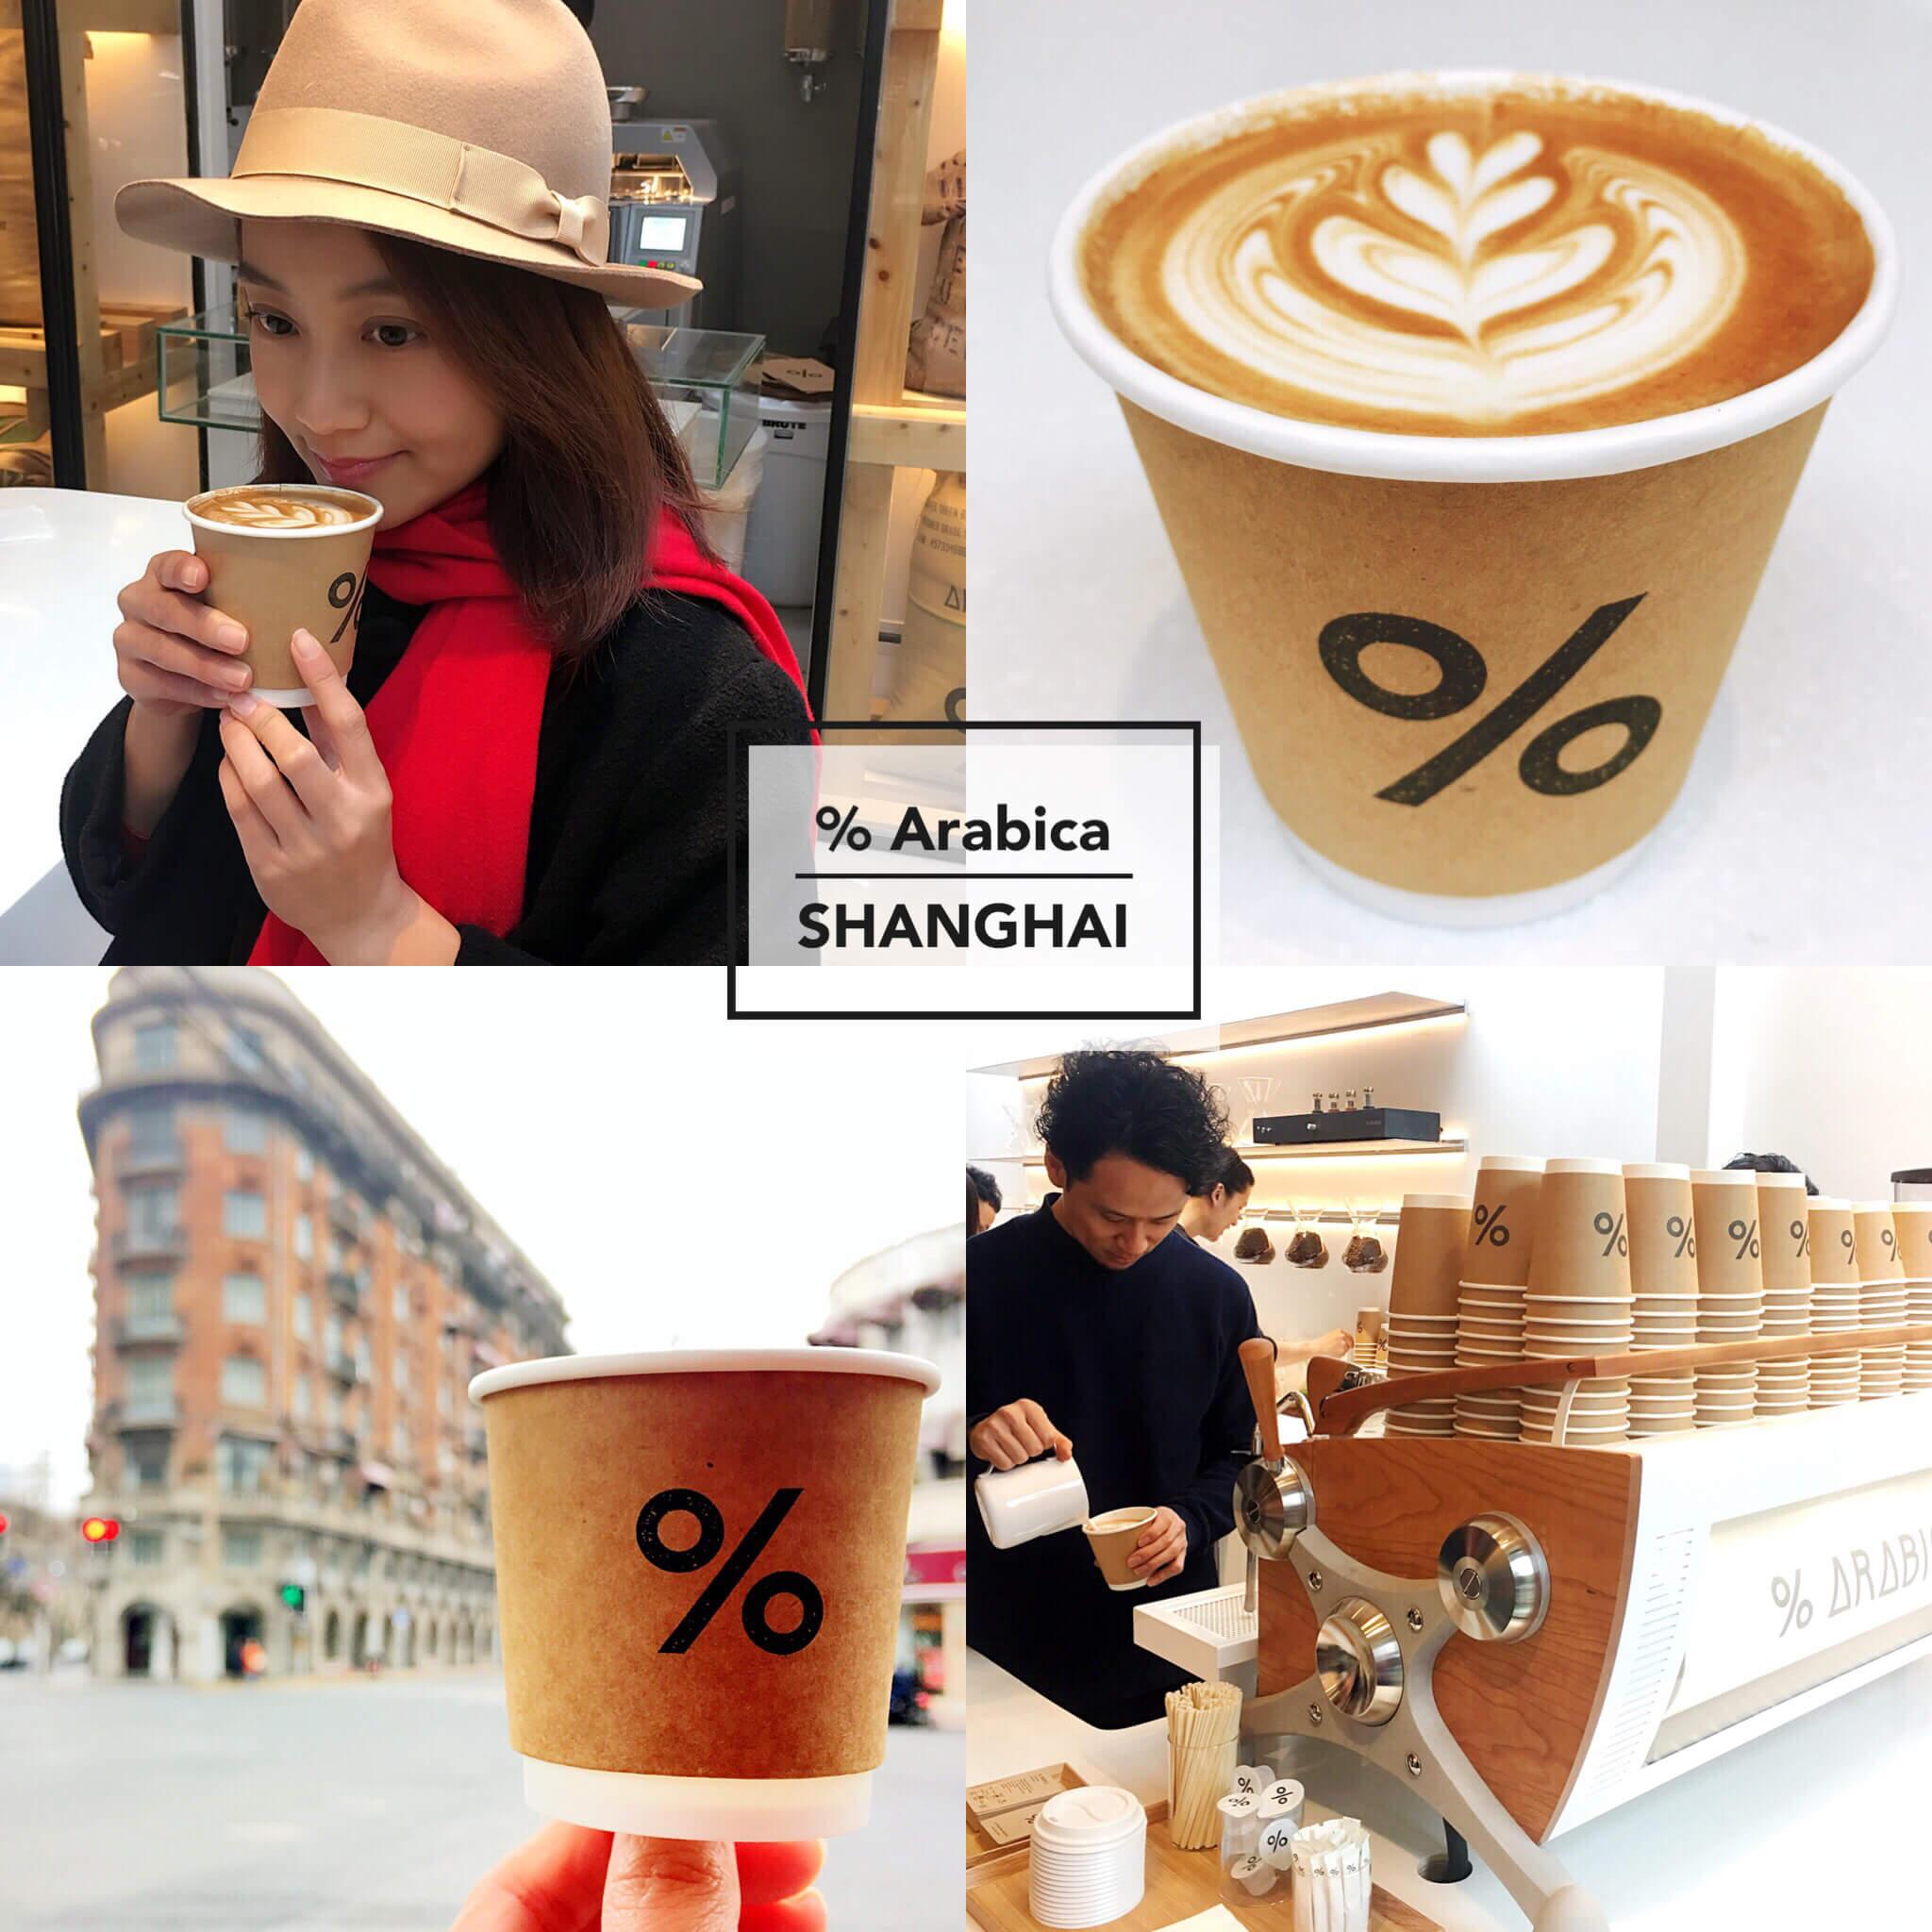 【上海咖啡推薦】網紅咖啡店%Arabica在上海開幕了